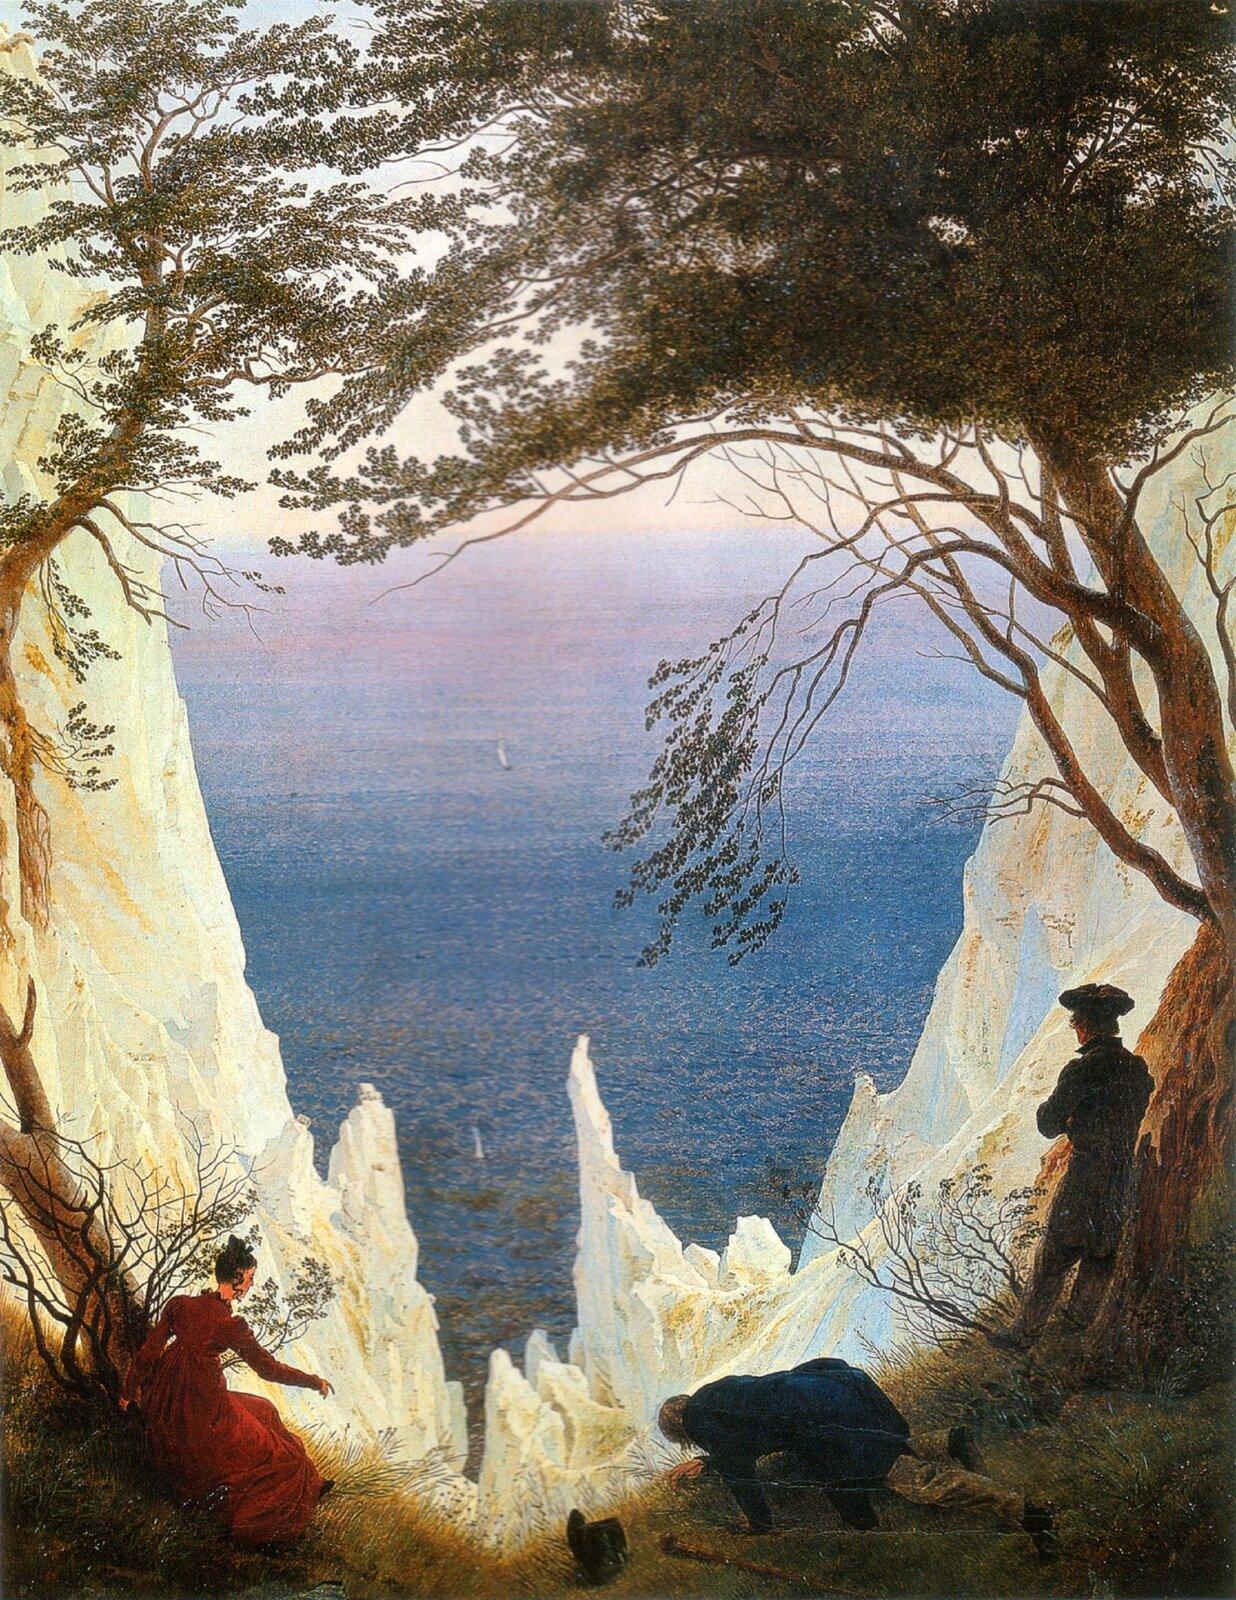 """Ilustracja okształcie pionowego prostokąta przedstawia obraz Caspara Davida Friedricha """"Skały kredowe wRugii"""". Ukazuje pejzaż skał zwidokiem na morze. Po bokach zamykają go drzewa, tworzące zkoron baldachim. Wdolnej części znajdują się trzy postacie – dwaj mężczyźni ijedna kobieta wczerwonej sukni. Przez prześwit pomiędzy białymi skałami widoczne jest niebiesko-fioletowe morze."""